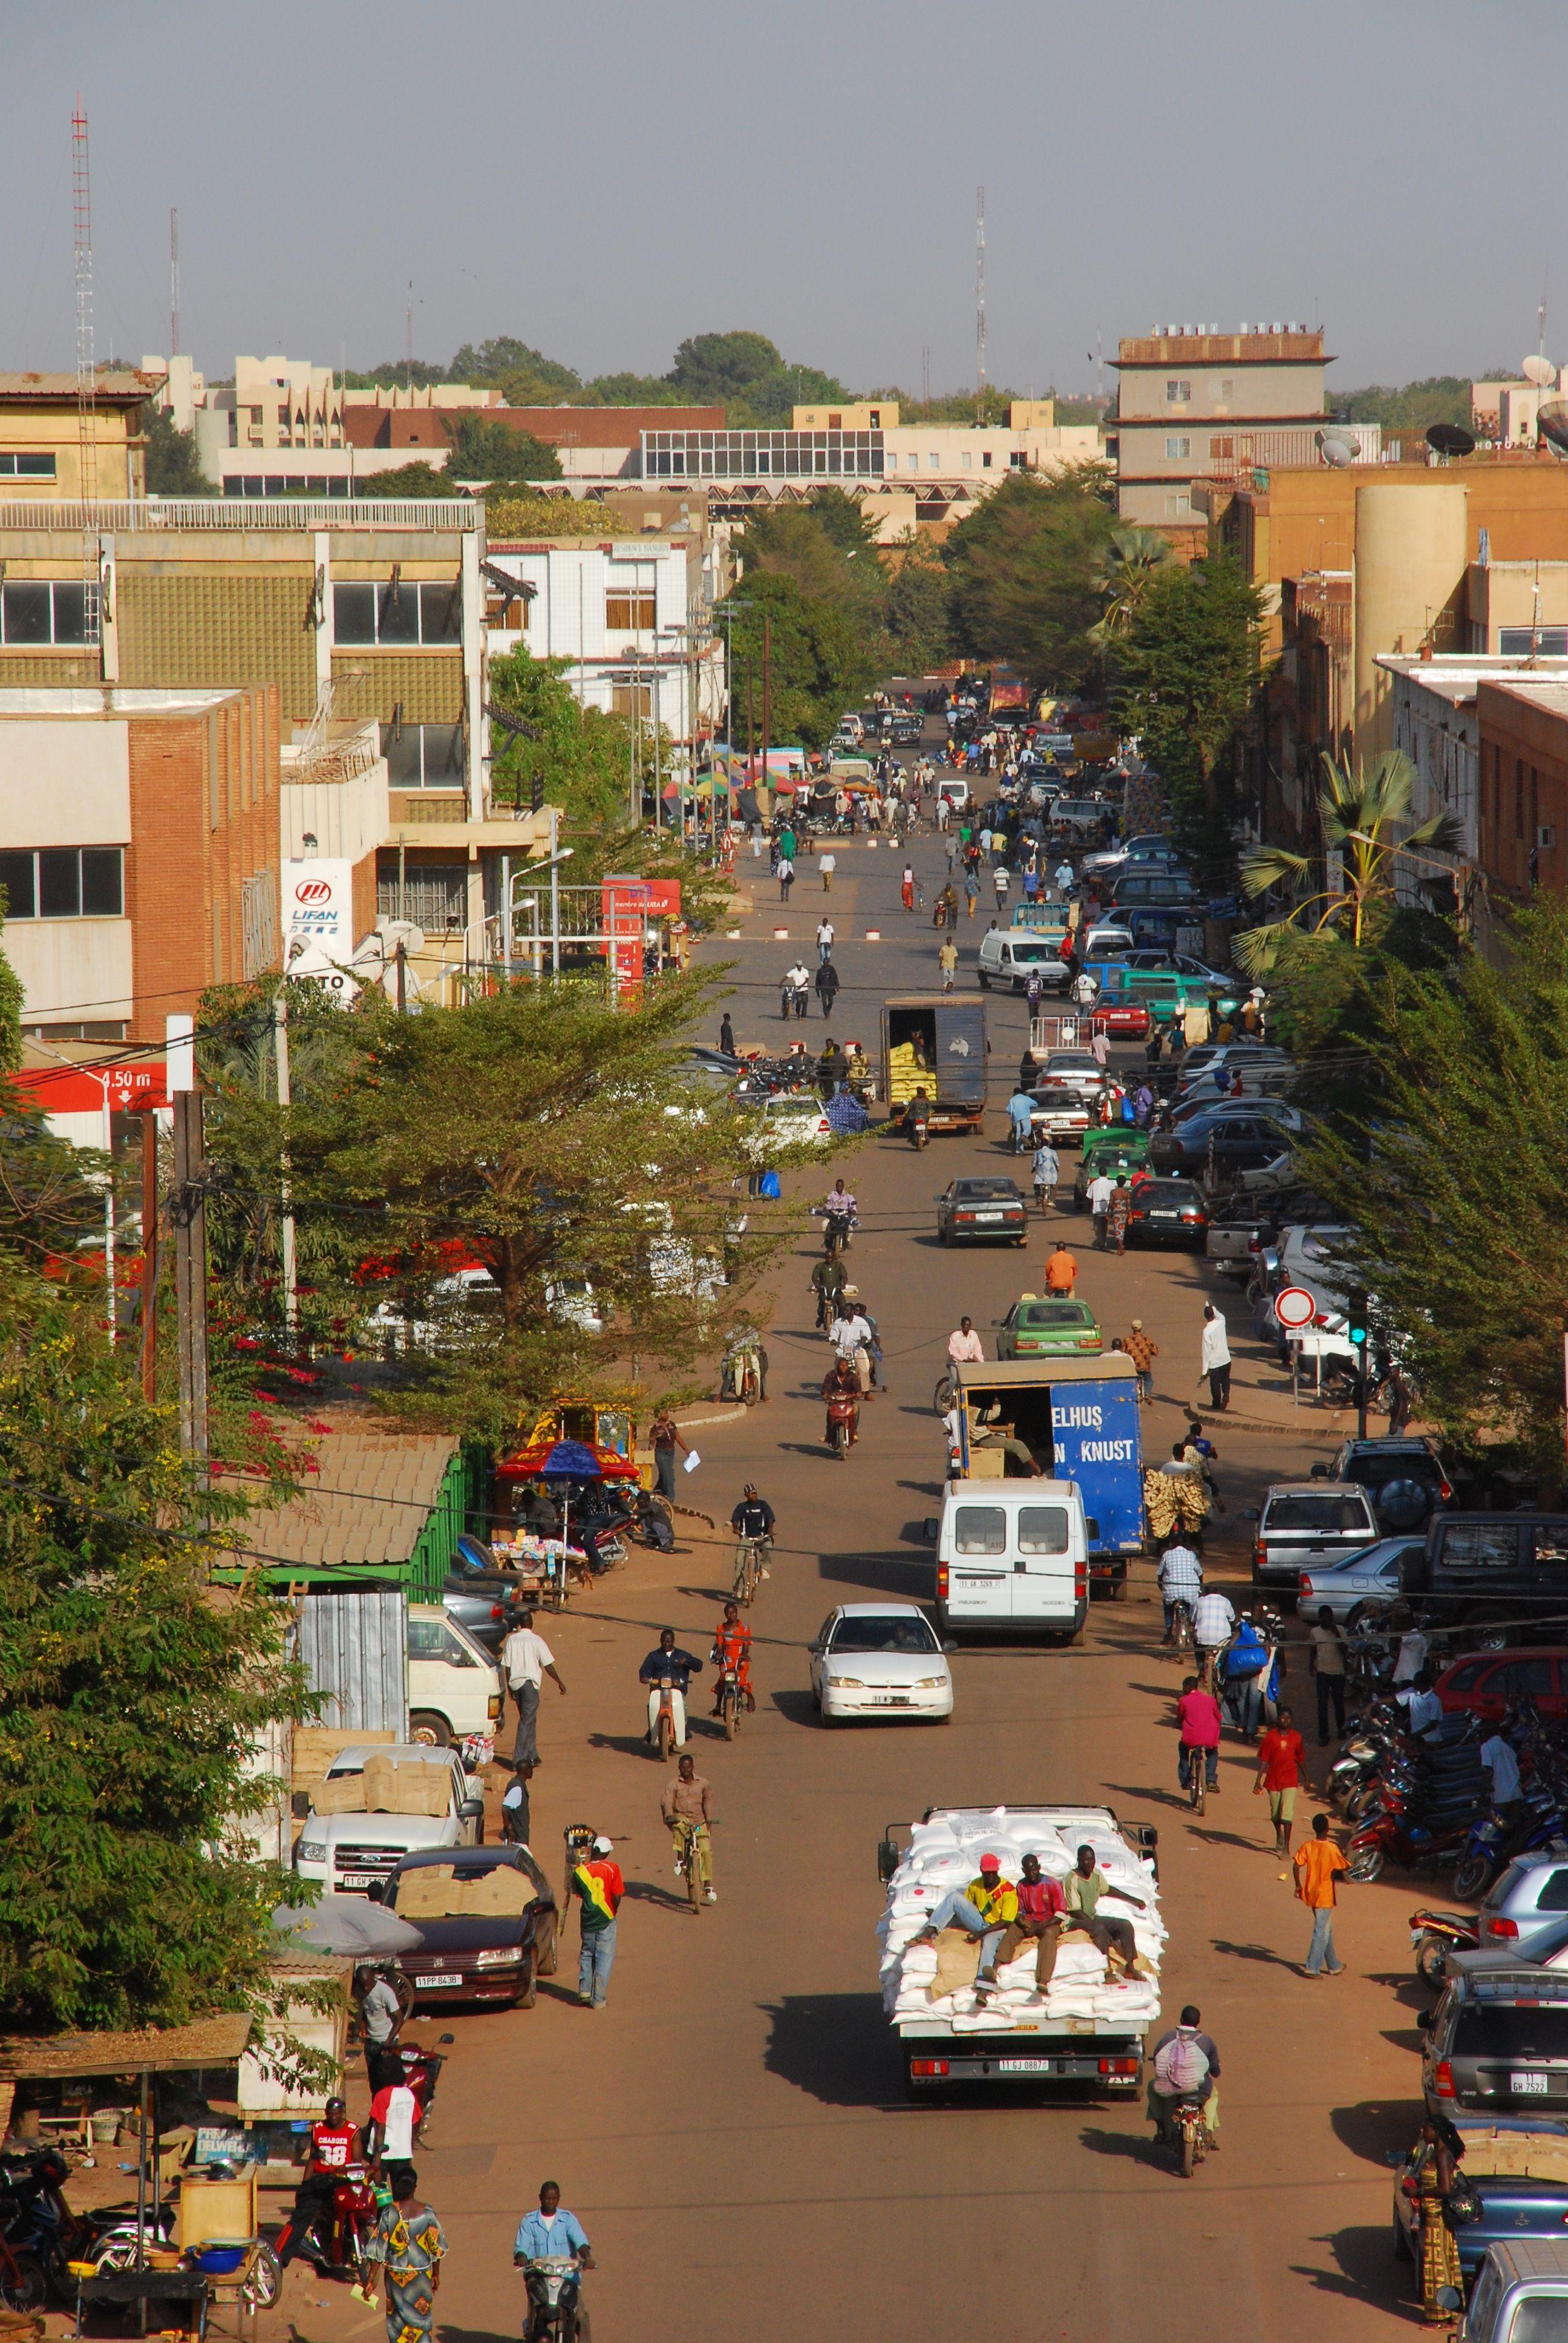 Pin De Mada M En Africa Algeria Benin Botswana Burkina Faso Burundi Cameroon Congo Angola Czad Ghana Continentes Costa De Marfil